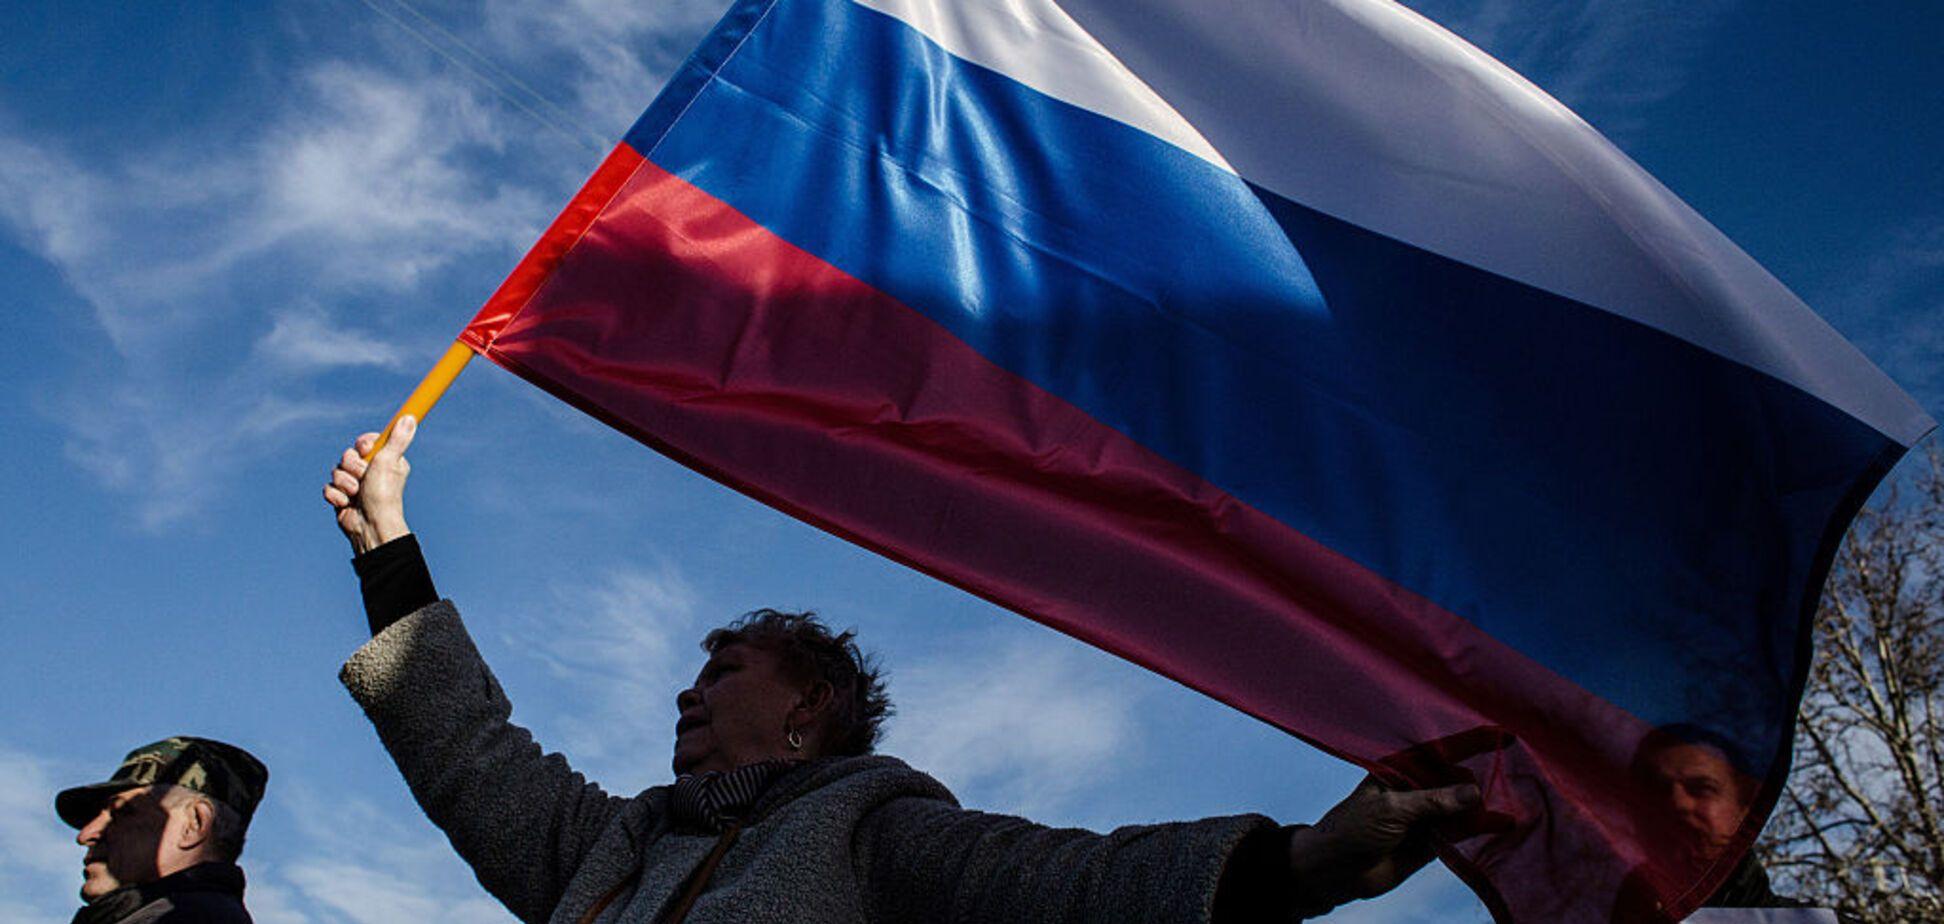 Кремль использует Пугачеву и Булгакова: Вятрович раскрыл опасные щупальца 'русского мира'